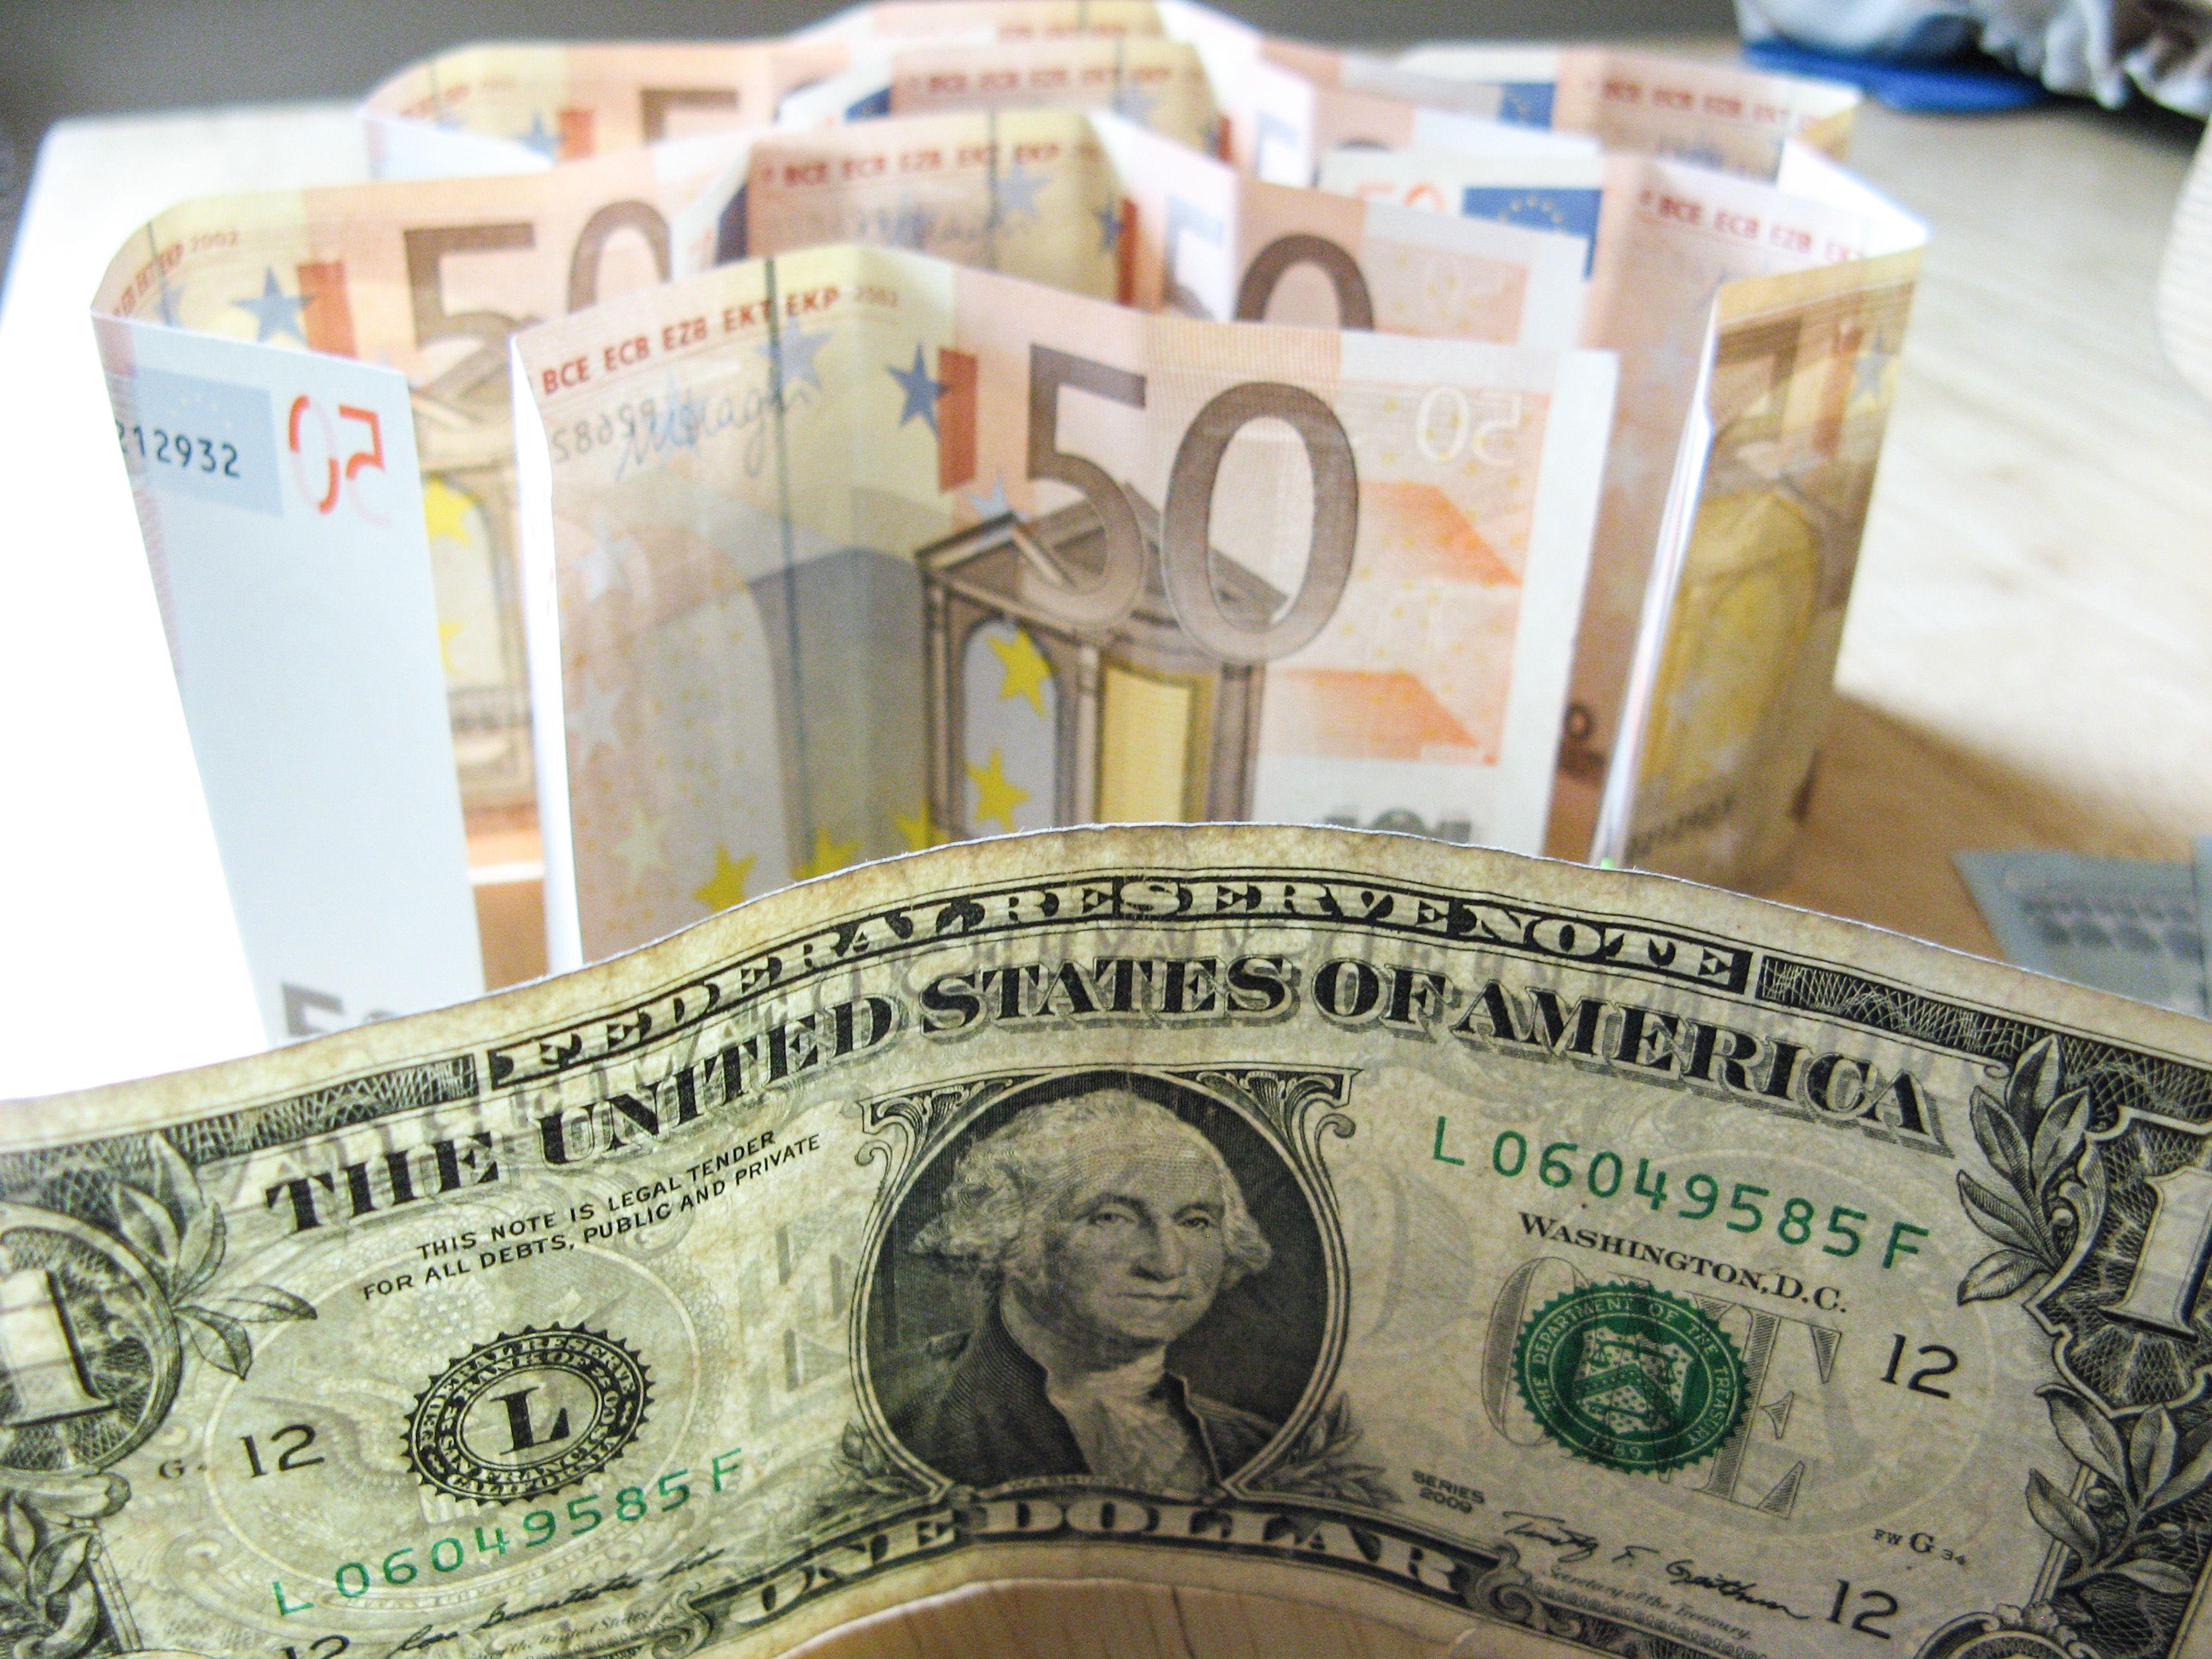 Be FED krypties pasimetė ir euras